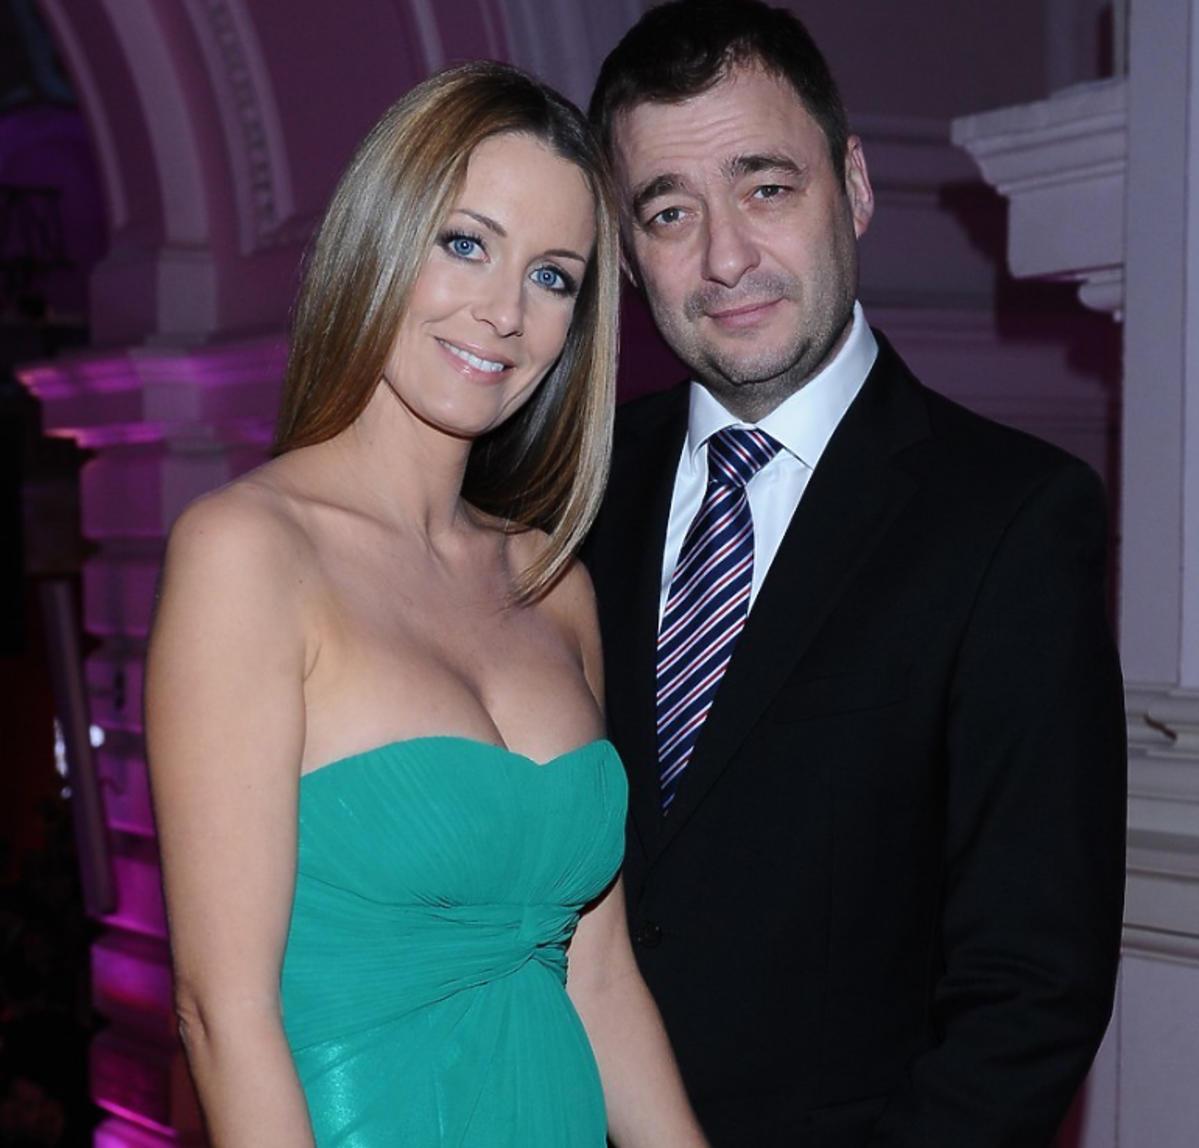 Małgorzata Rozenek i Jacek Rozenek na Balu Dziennikarzy